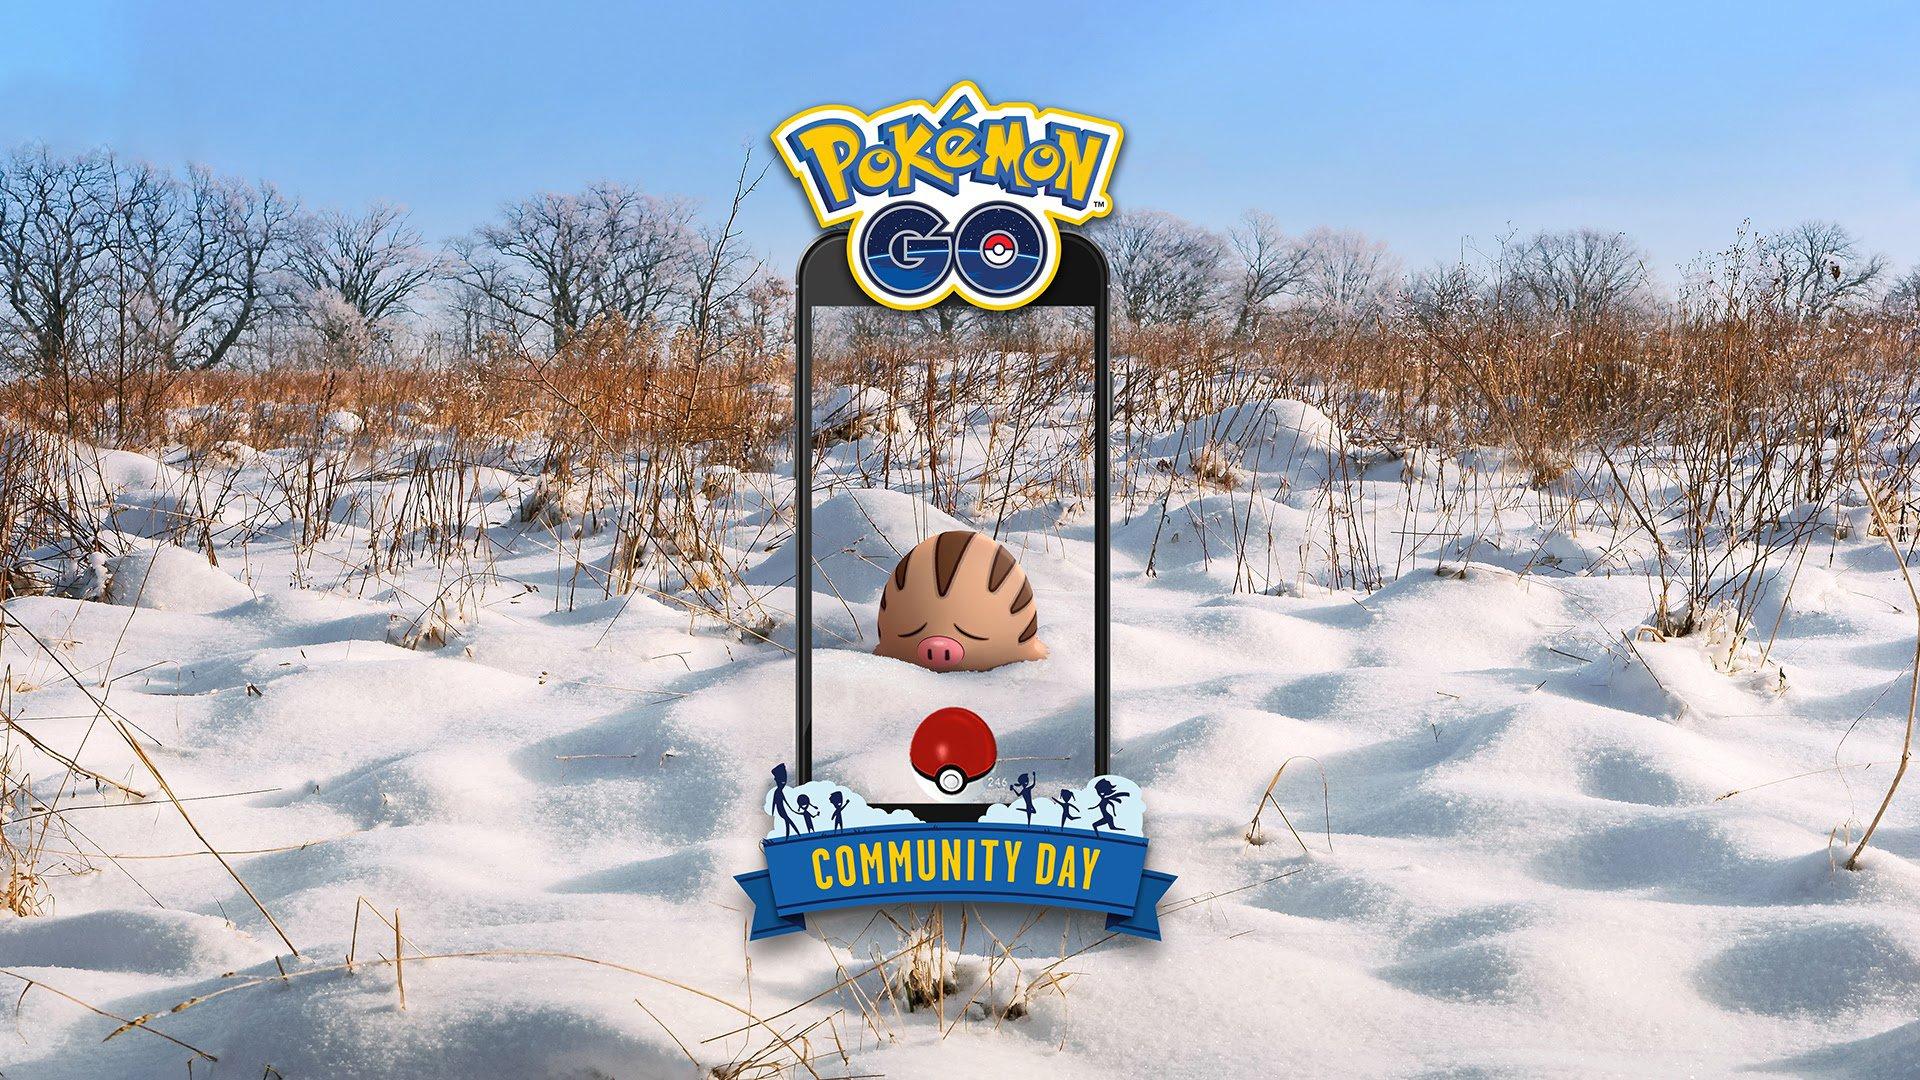 pokemon go community day swinub mamoswine